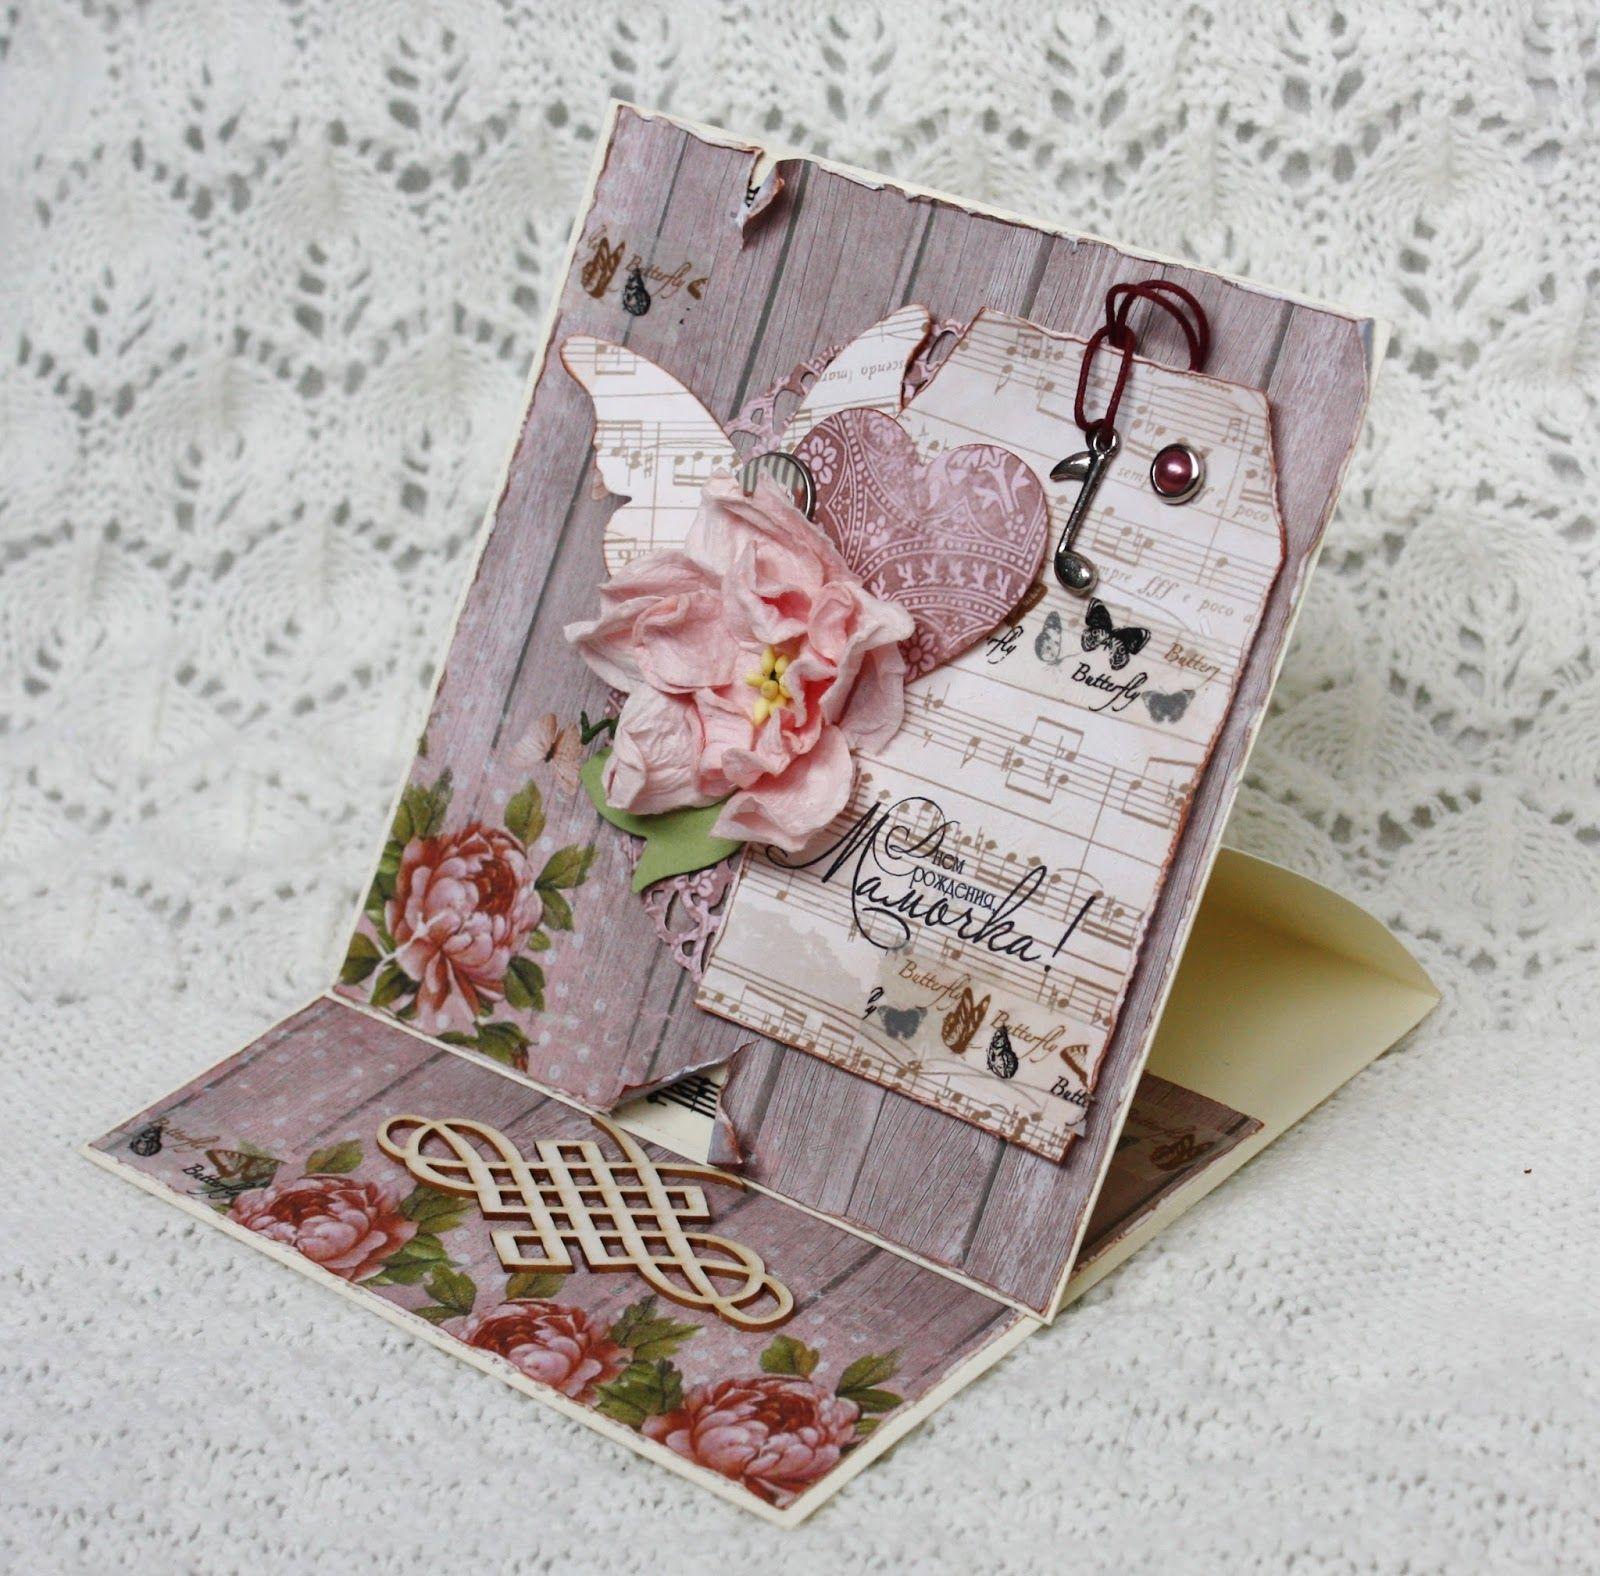 Сделать открытку скрапбукинг с днем рождения